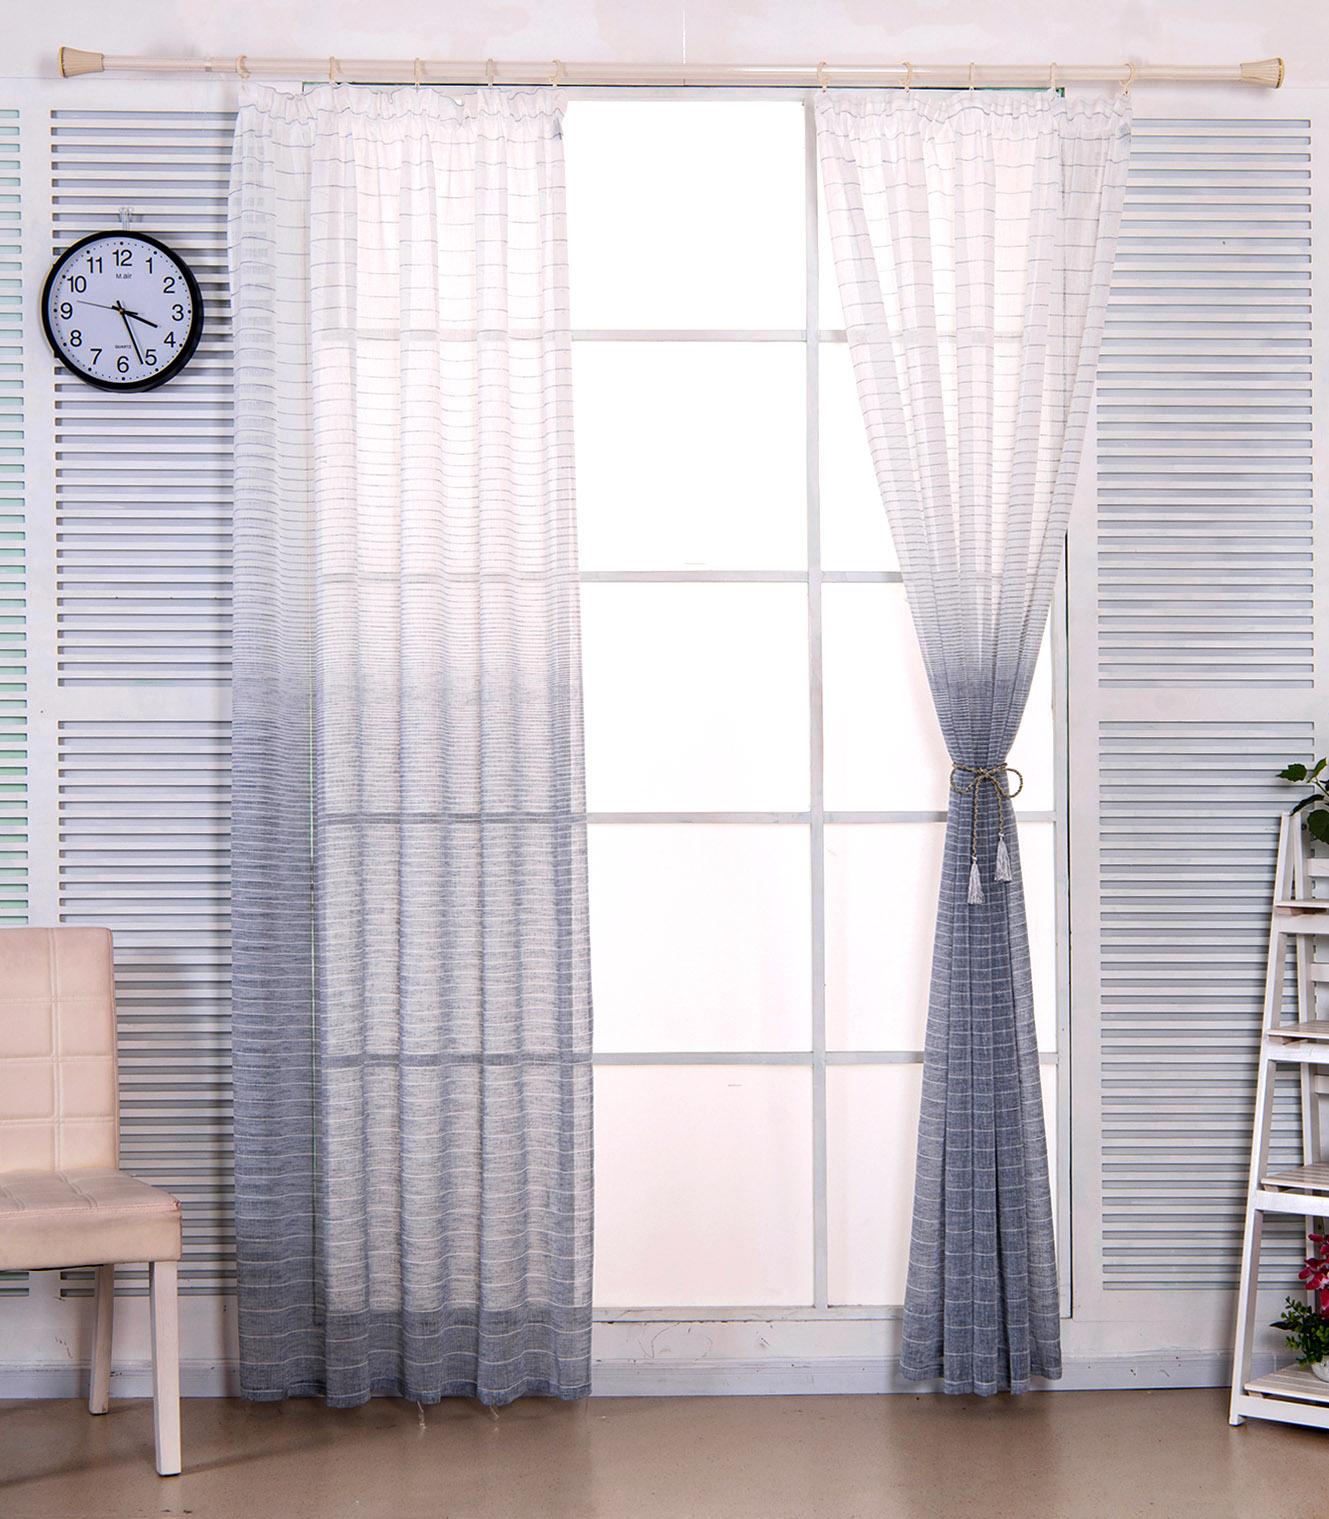 2x Gardinen Vorhang transparent Kräuselband gestreift Leinen ...